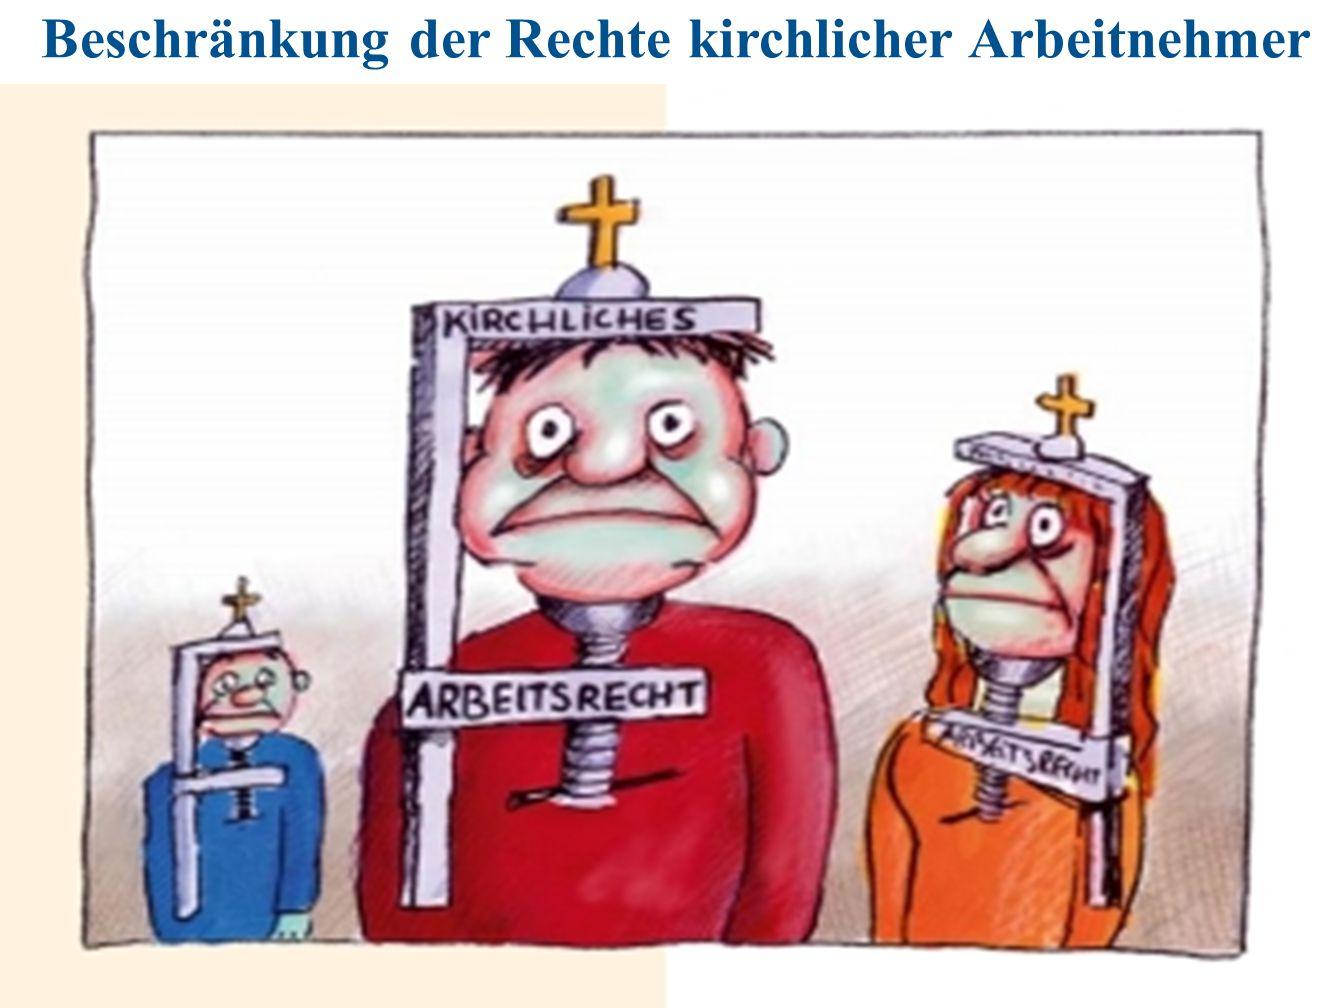 Beschränkung der Rechte kirchlicher Arbeitnehmer